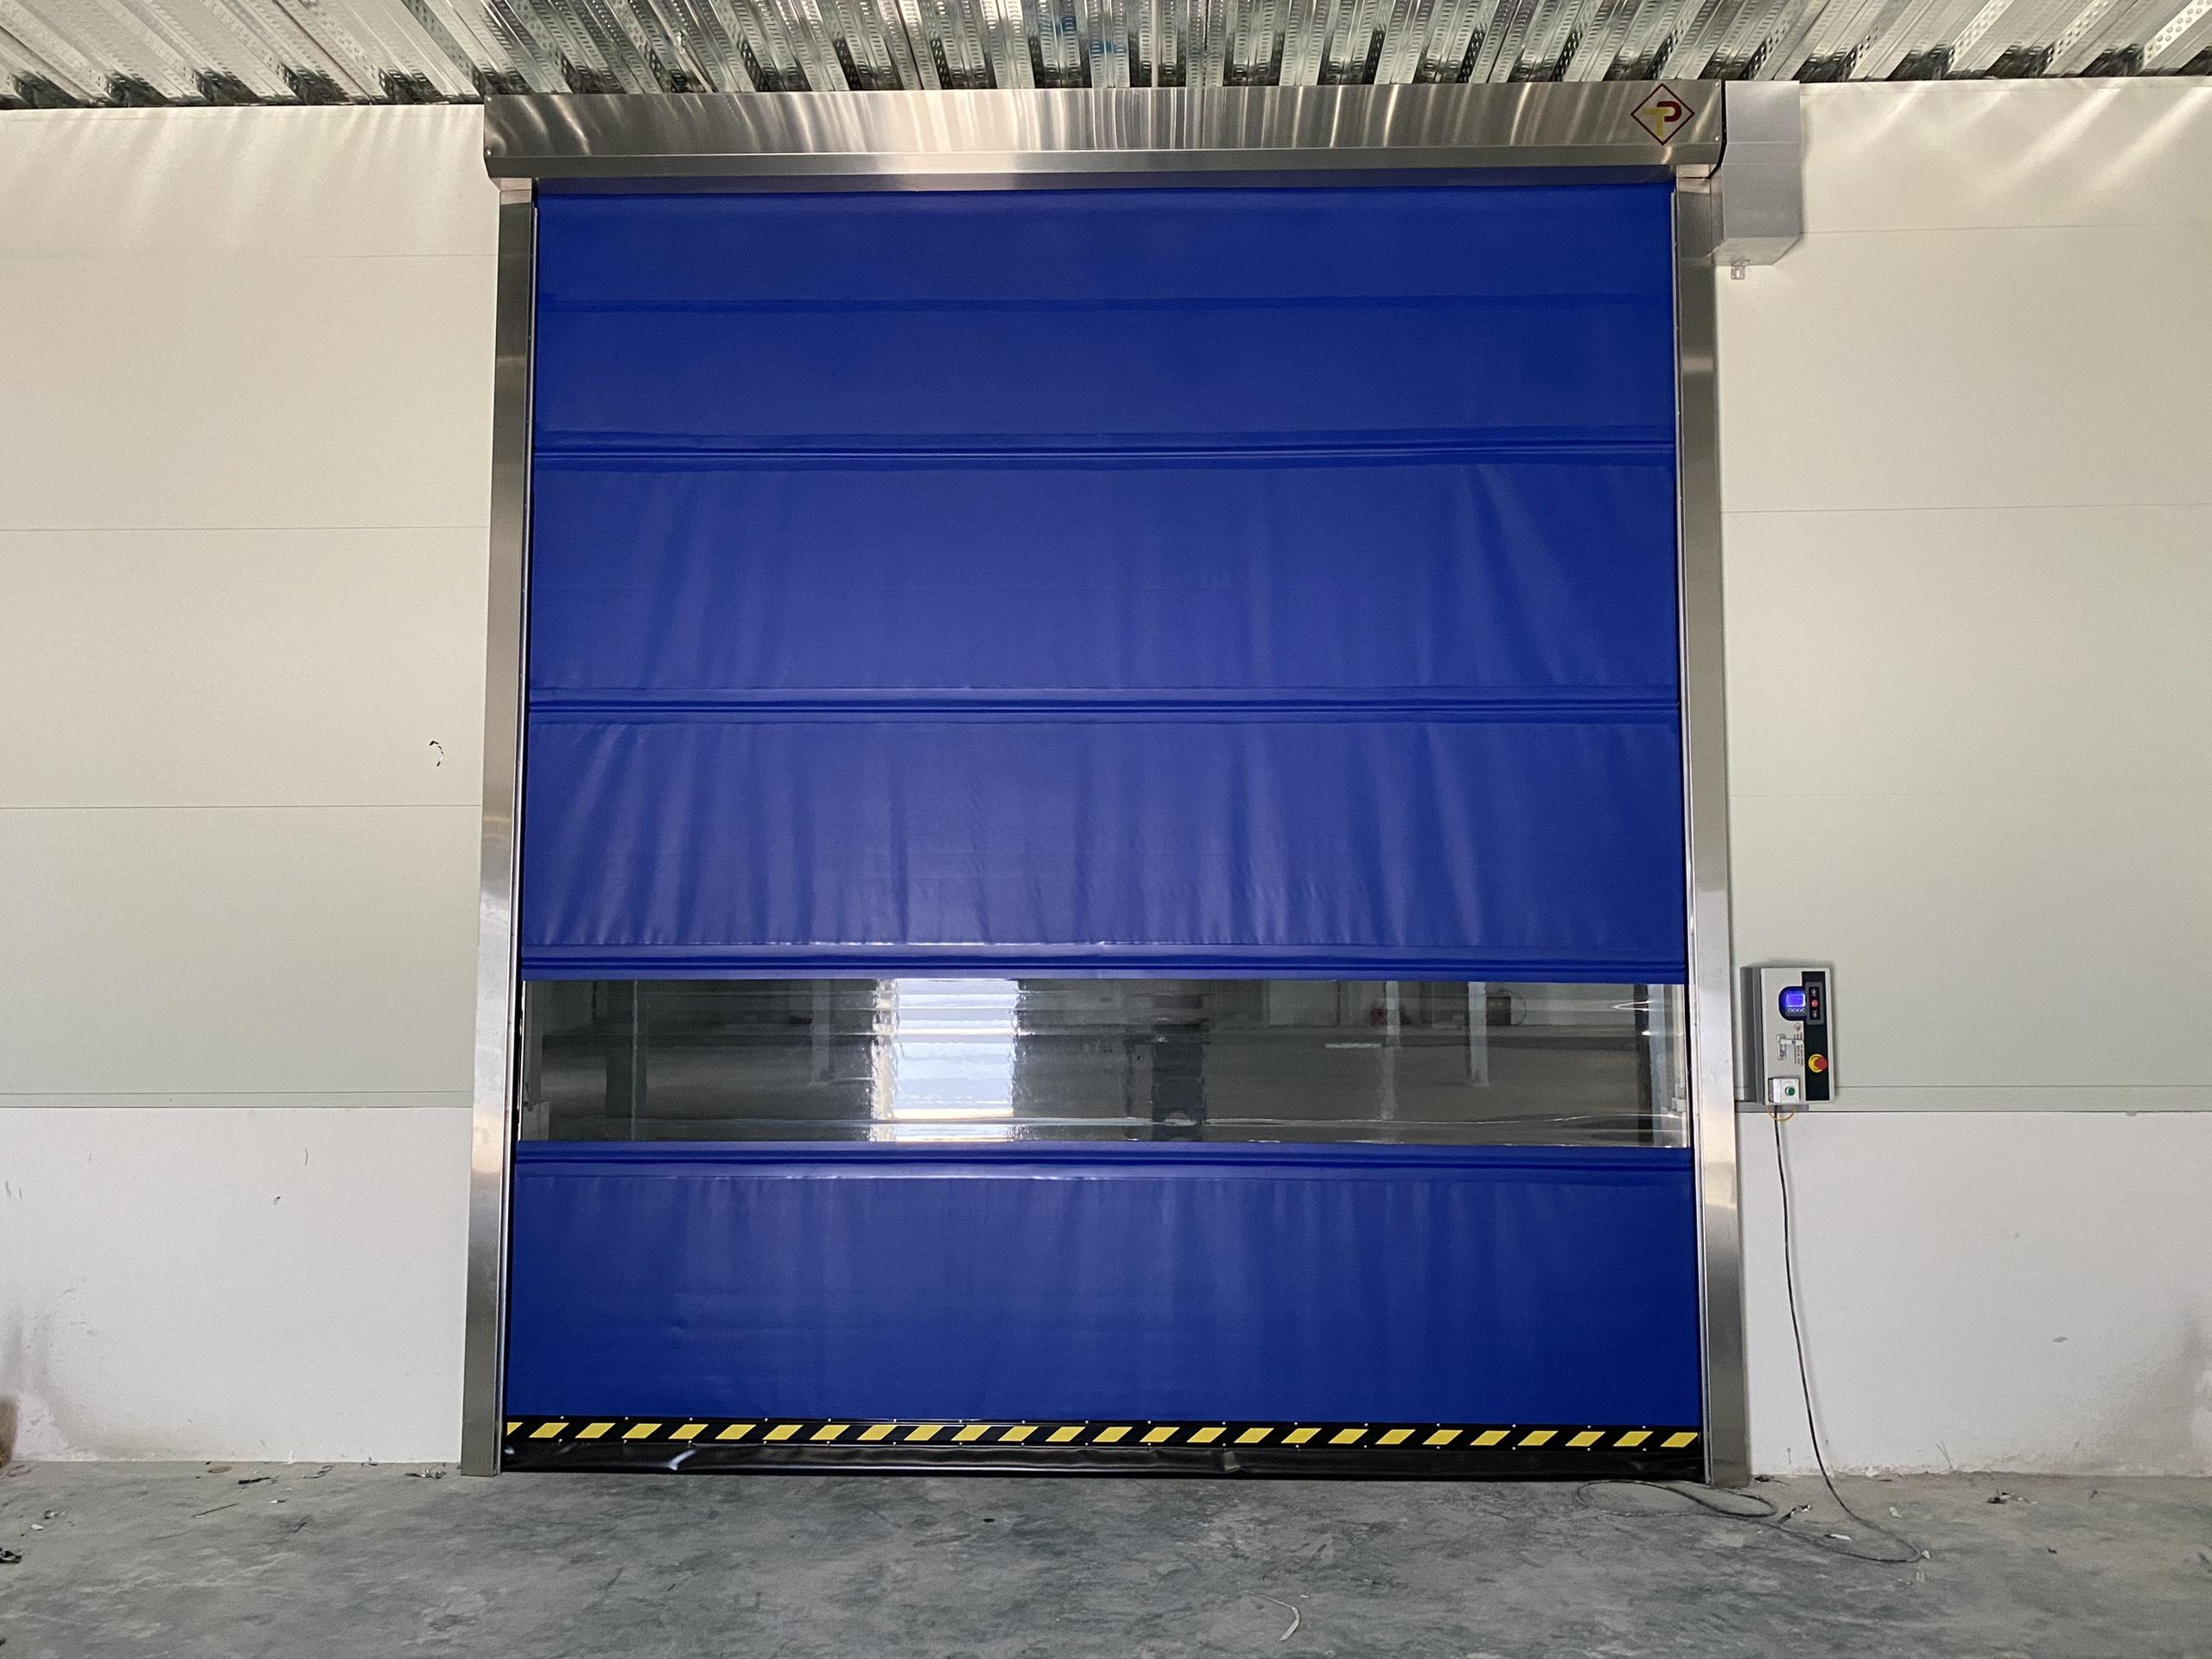 Cửa cuốn nhanh TPD 1500 lắp đặt tại Bắc Giang